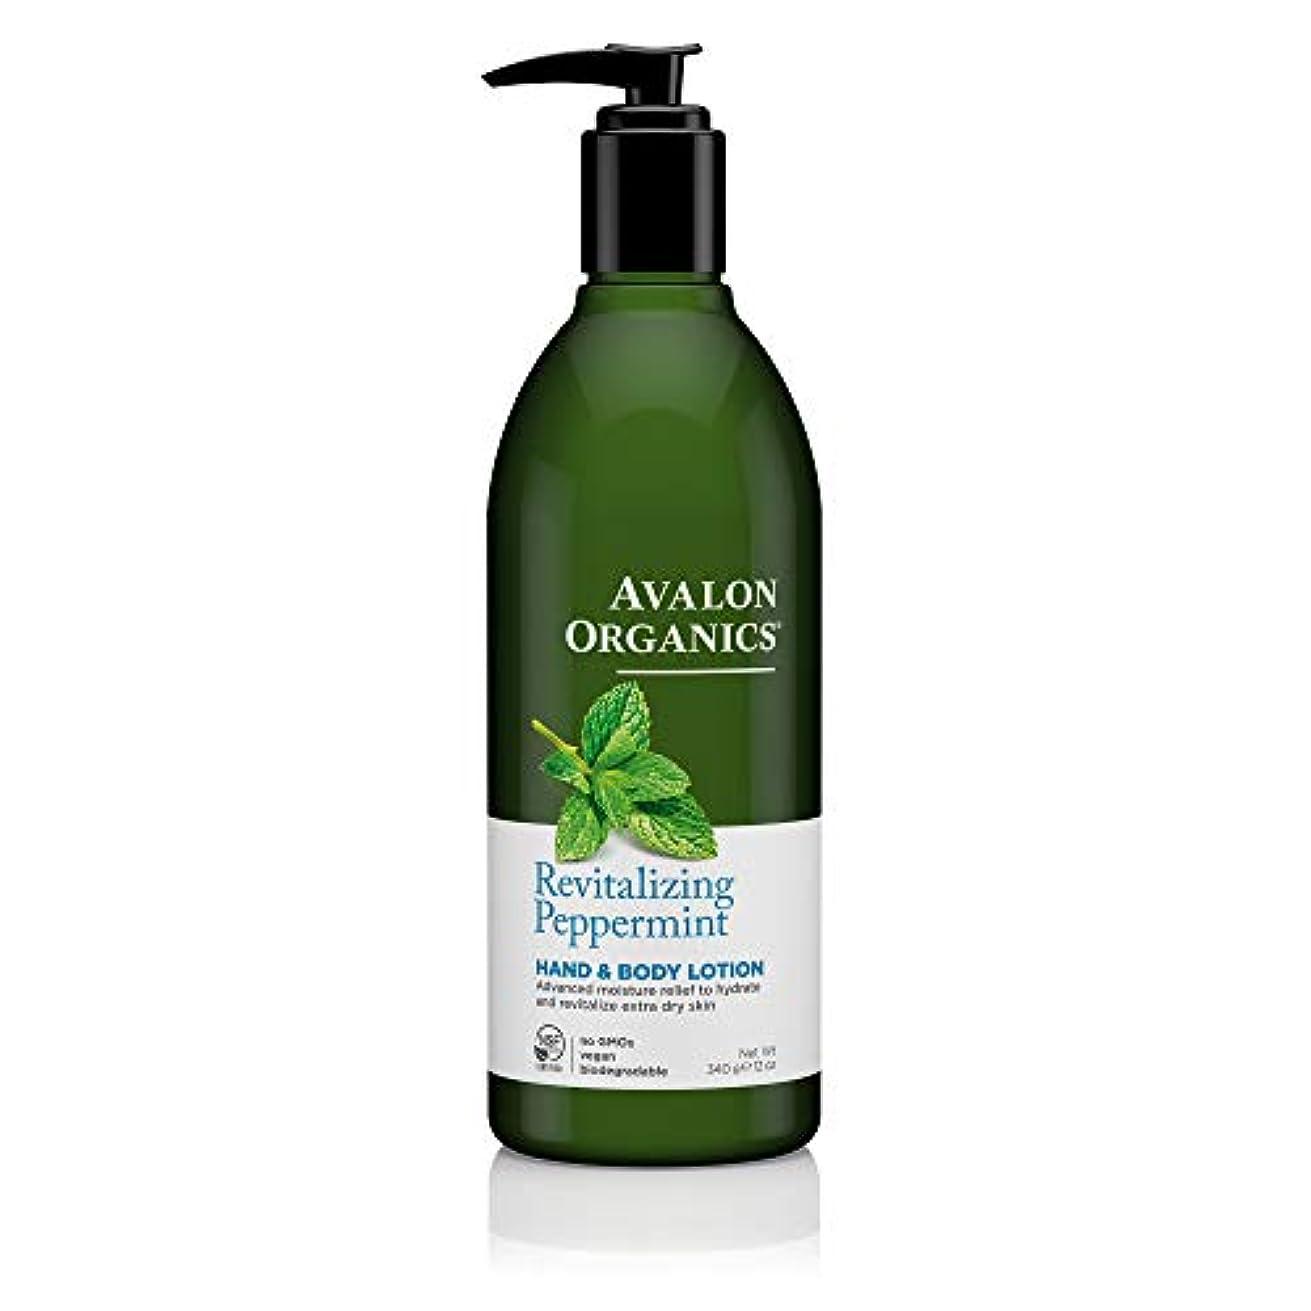 略すミリメートルくつろぐAvalon Organics Peppermint Hand And Body Lotion, 12-Ounce Bottle (Pack of 2) by Avalon [並行輸入品]